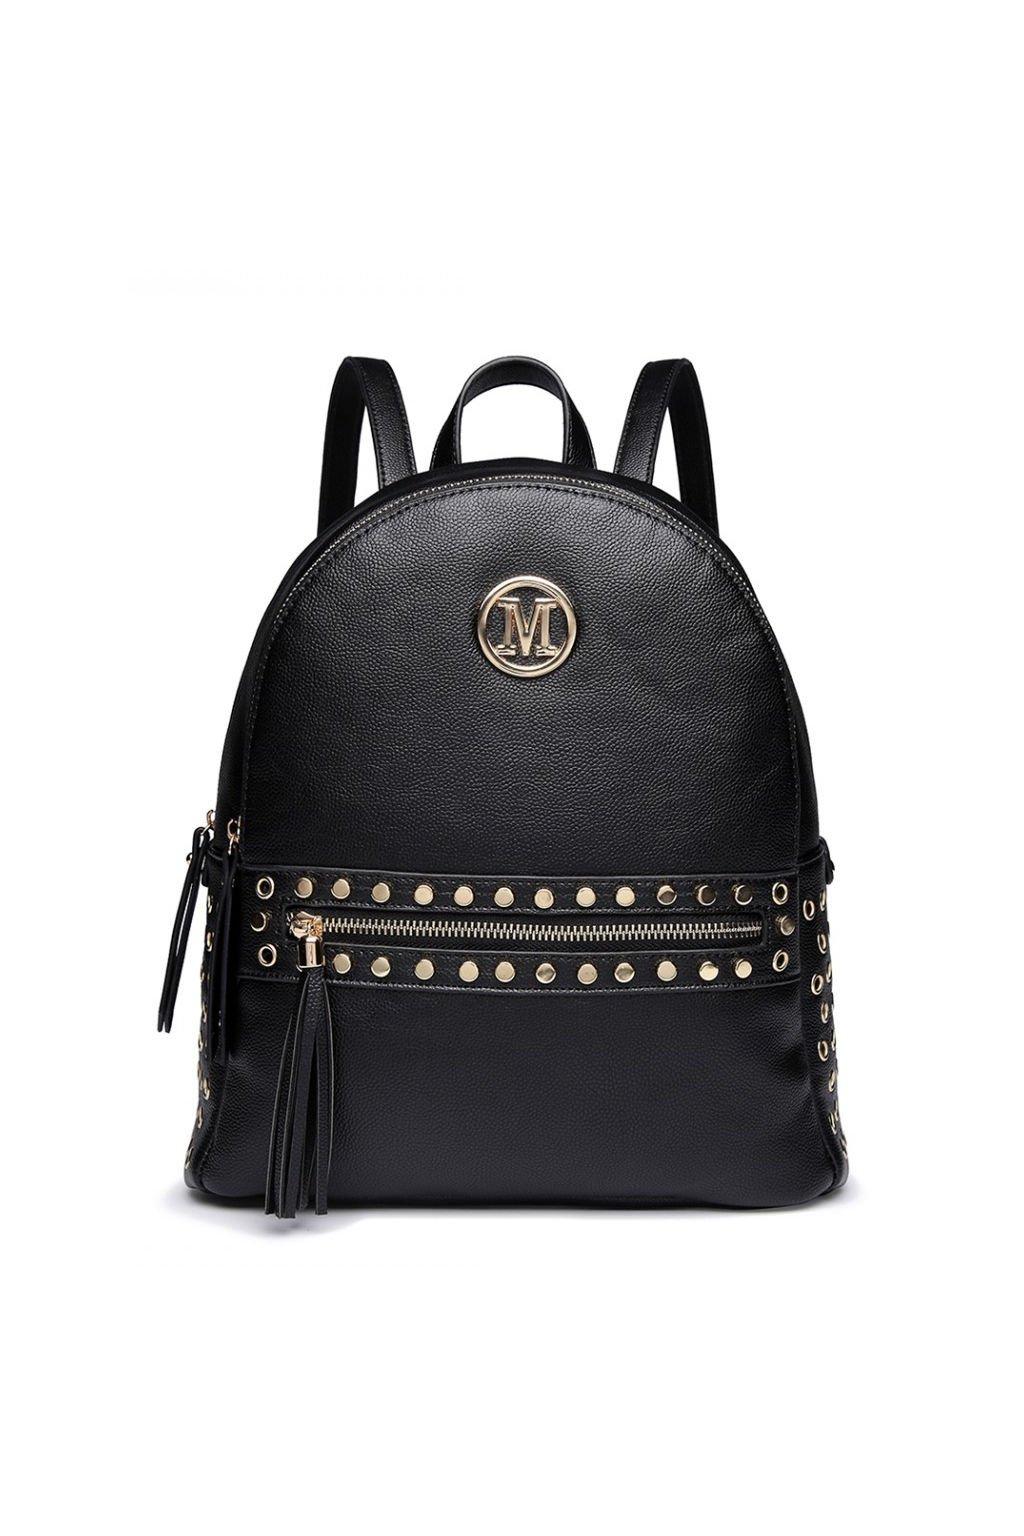 Černý batoh Miss Lulu se zlatými doplňky